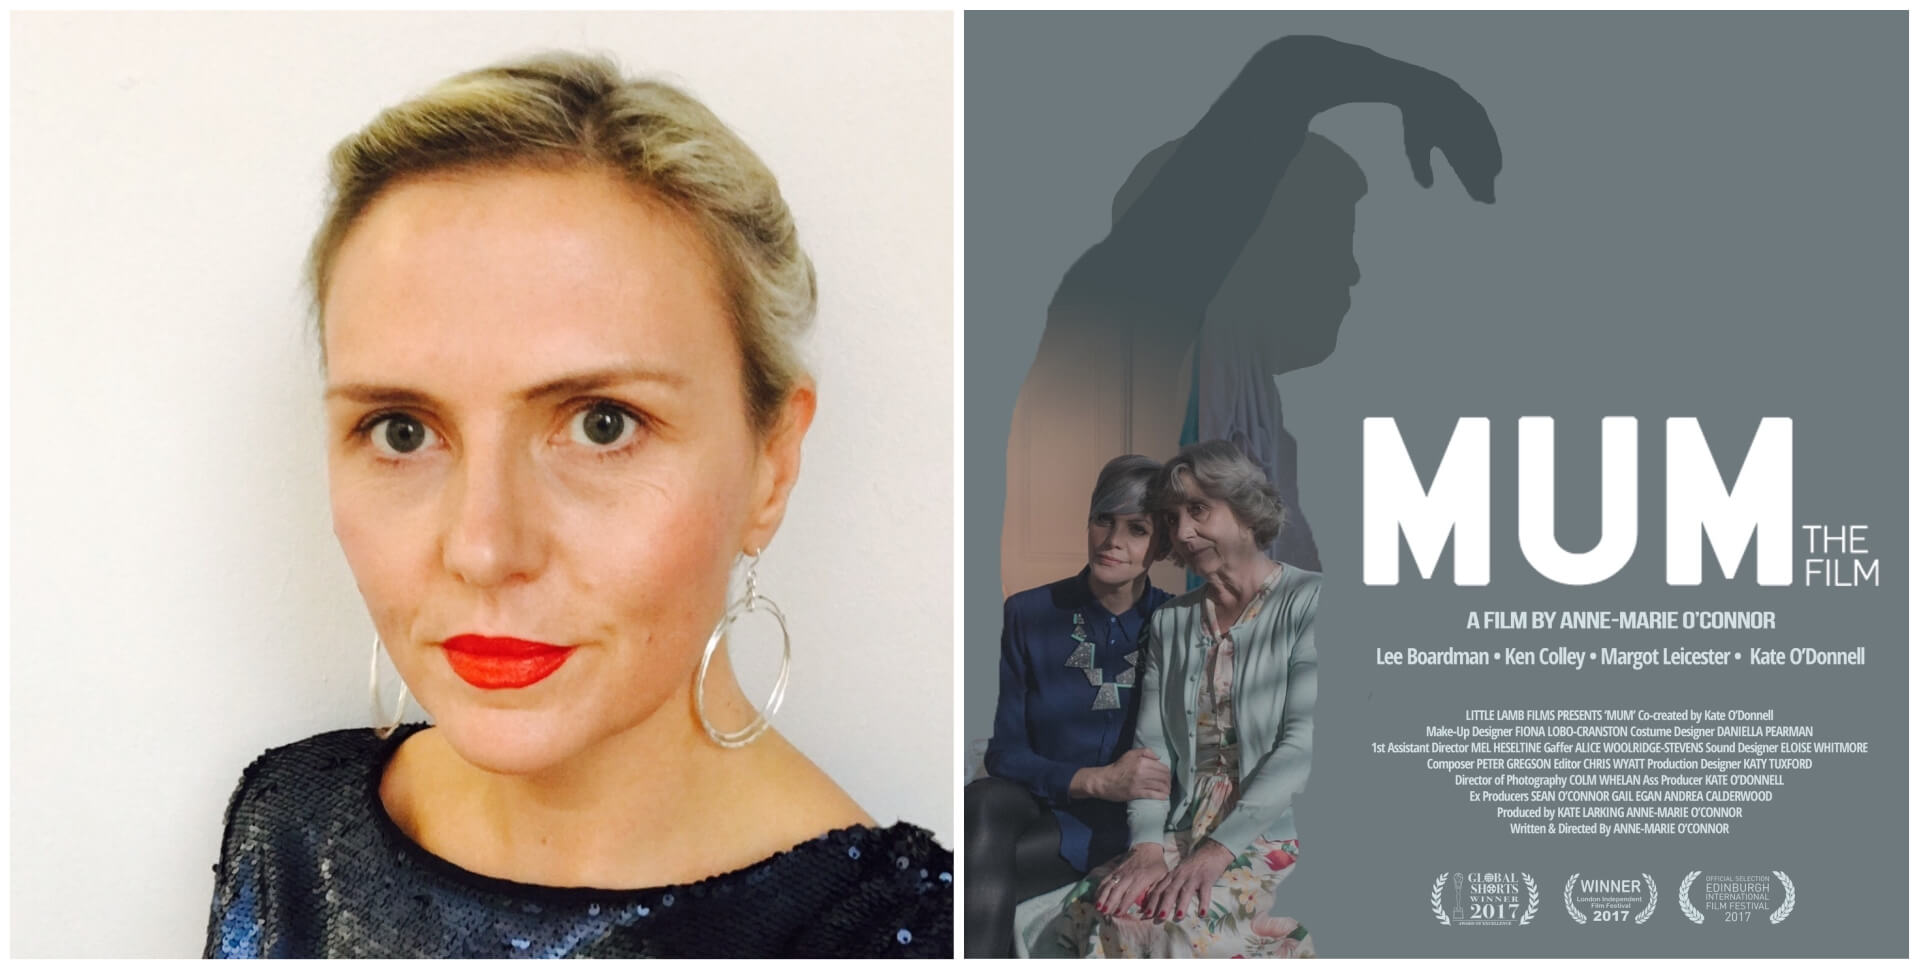 Mum (Short Film) Interview with Anne Marie OConnor